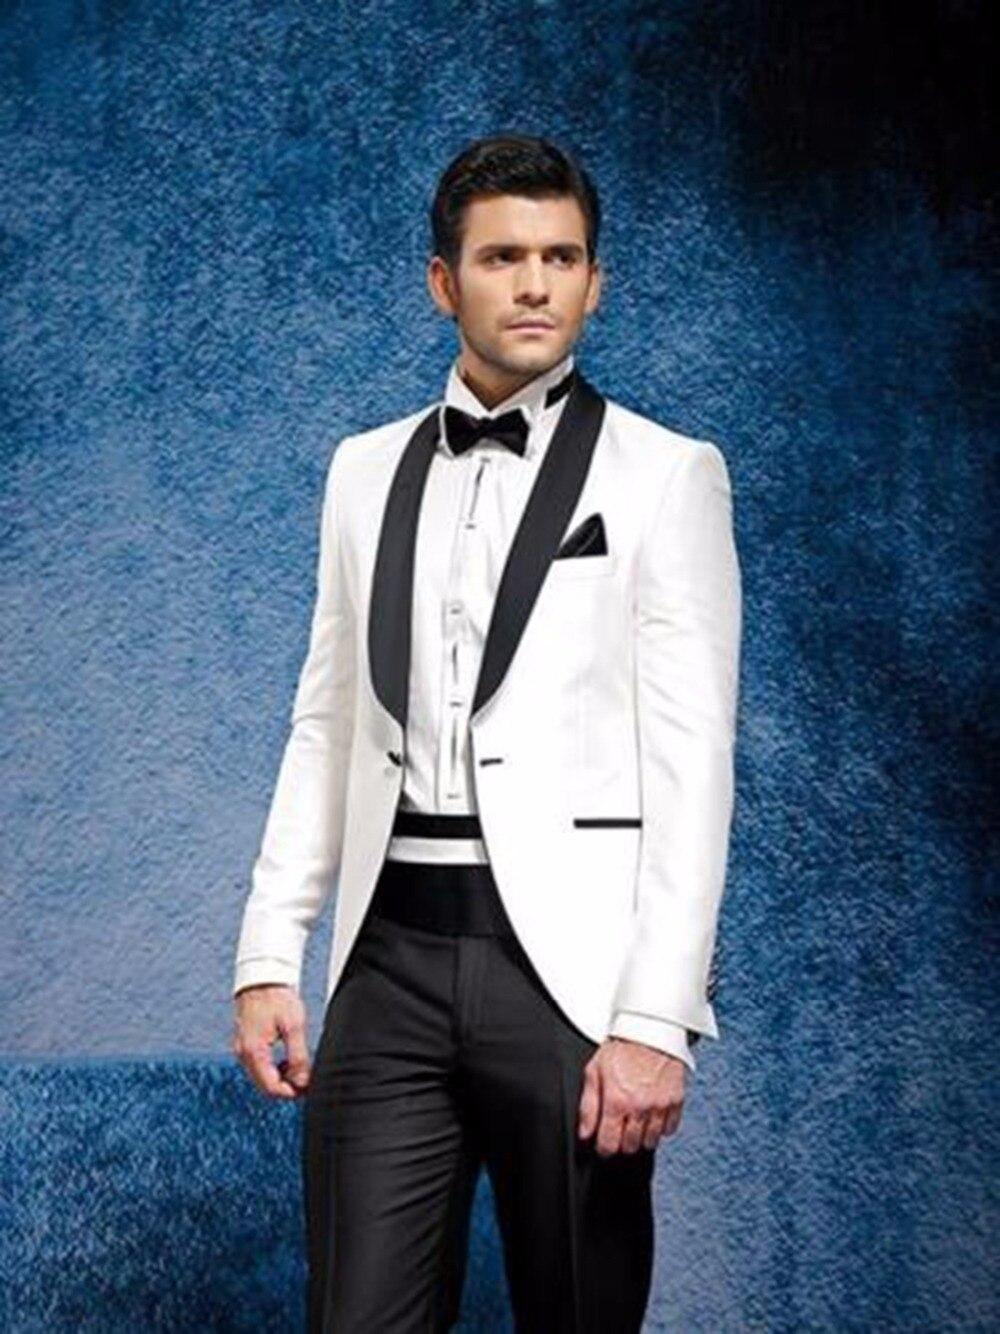 Trajes de hombre de esmoquin personalizado novio boda cena traje Formal de negocios Prom Wear C28